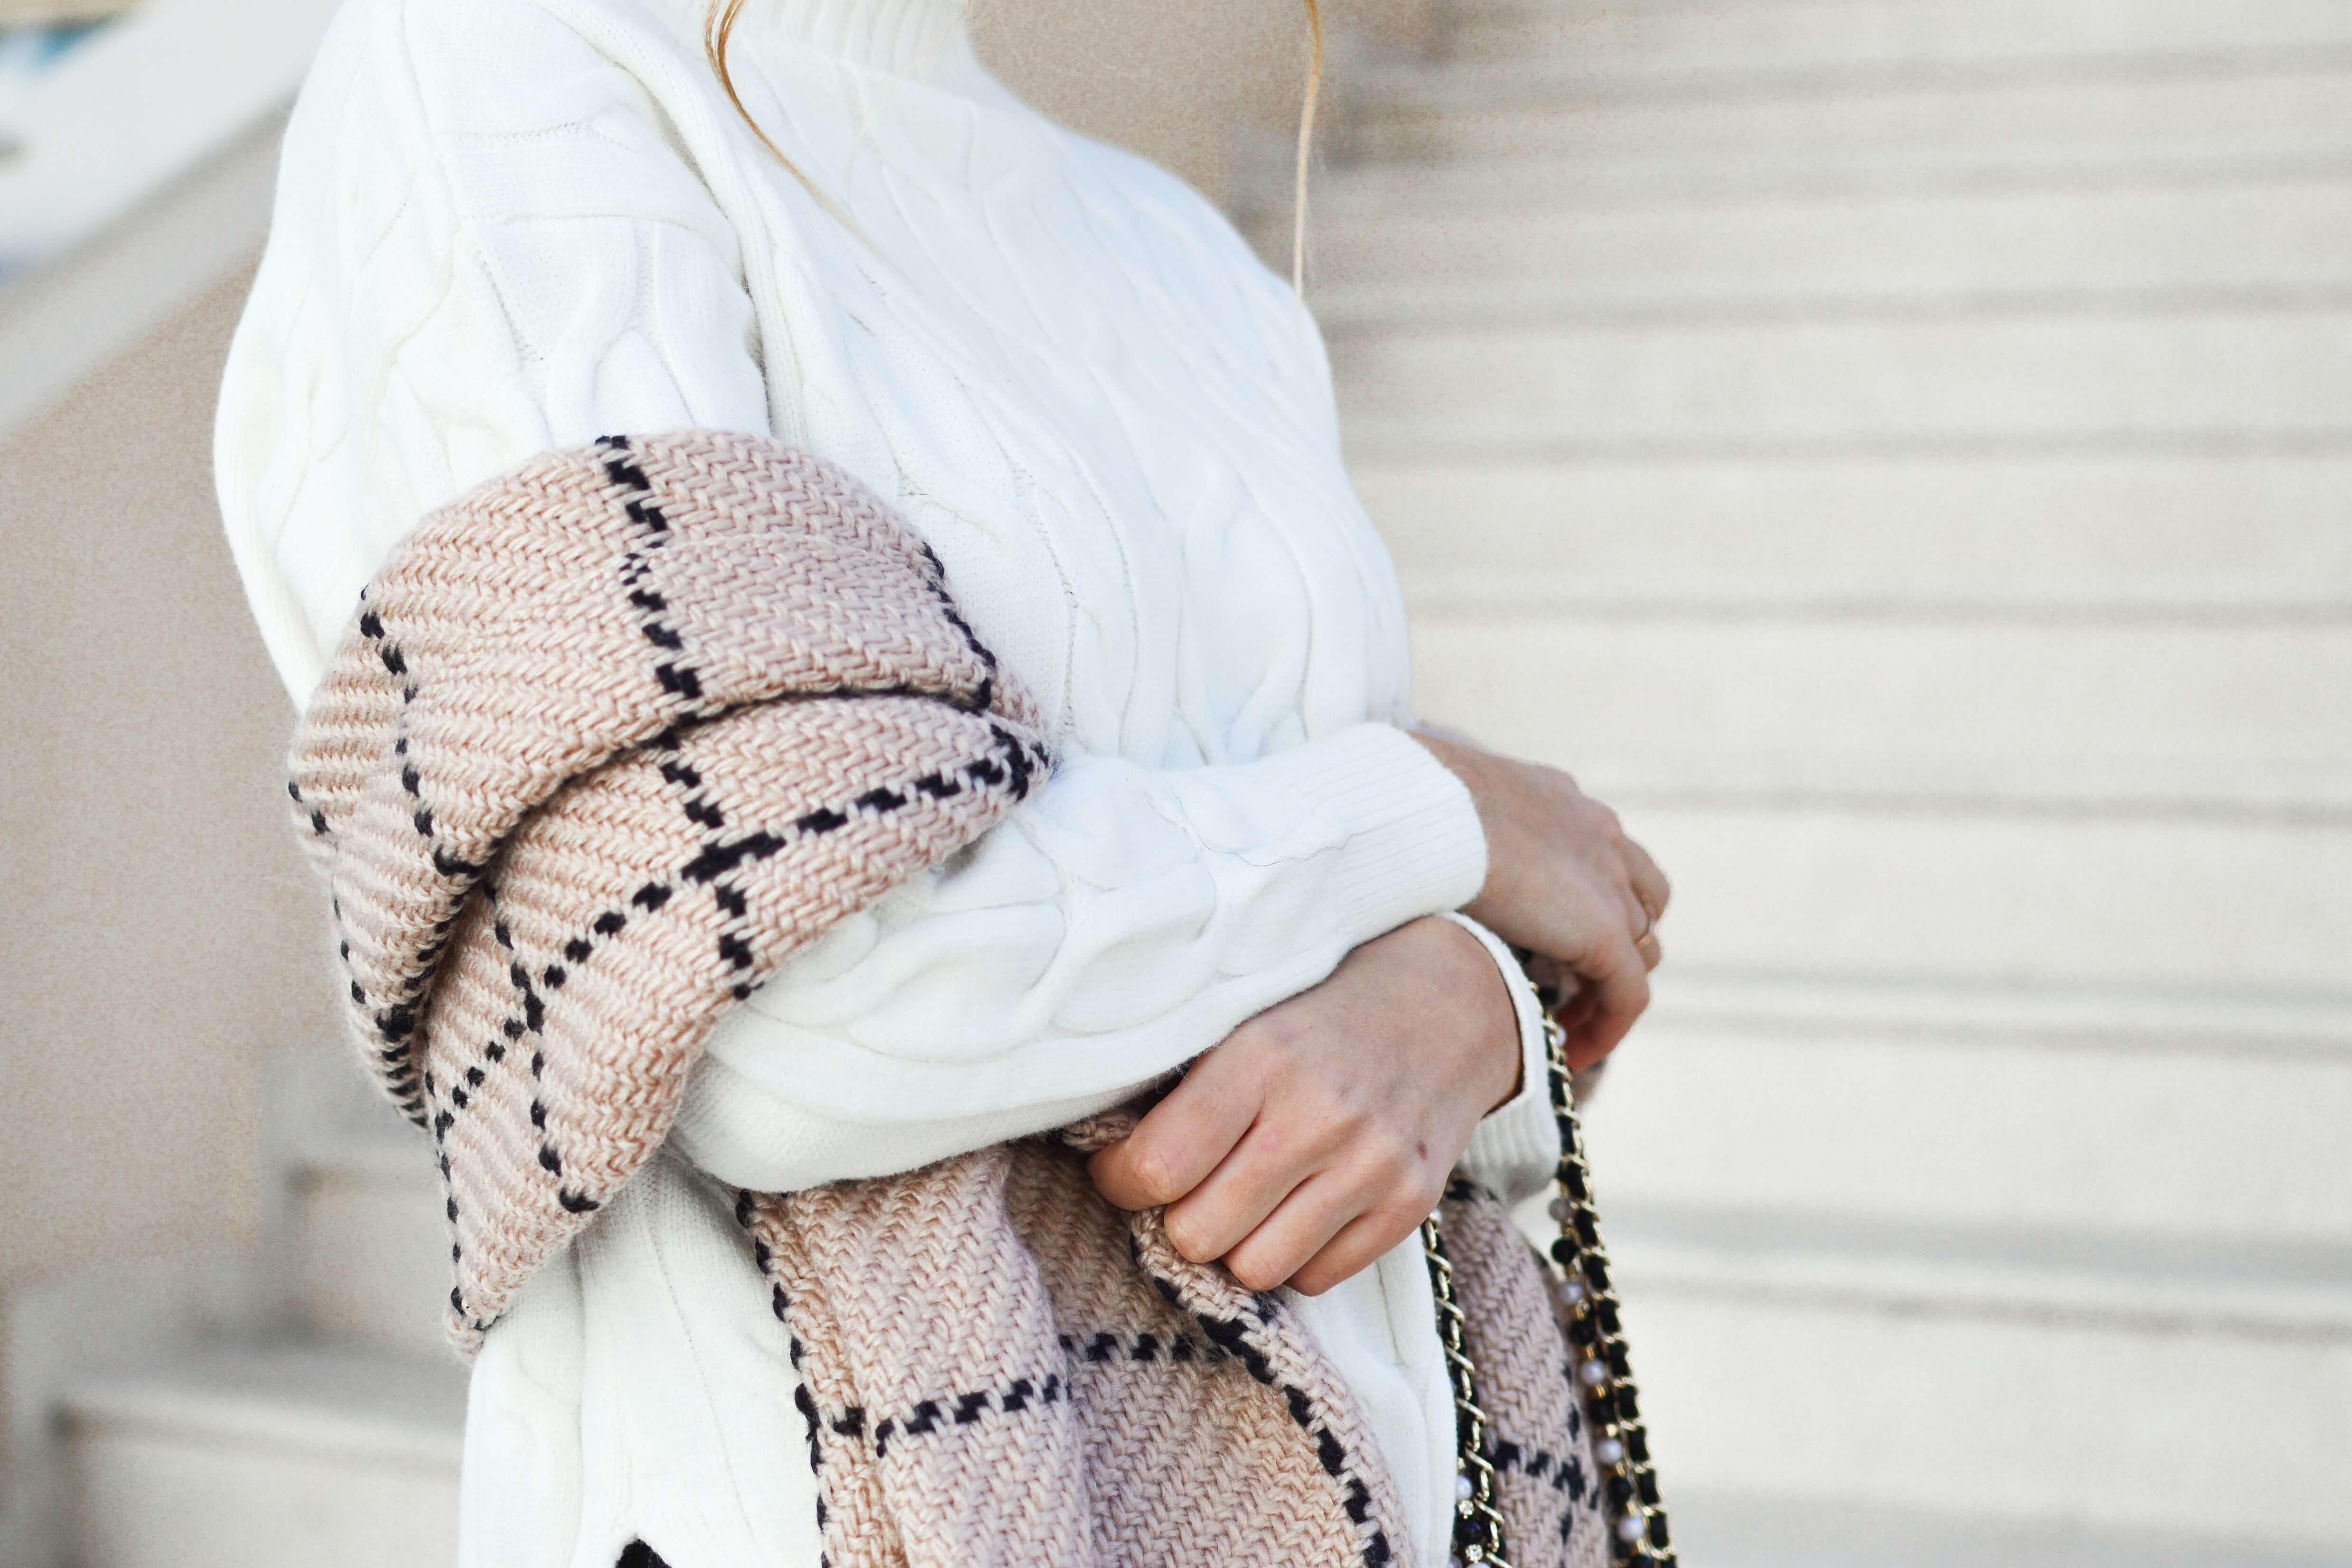 アイボリーのニットワンピースを着た女性